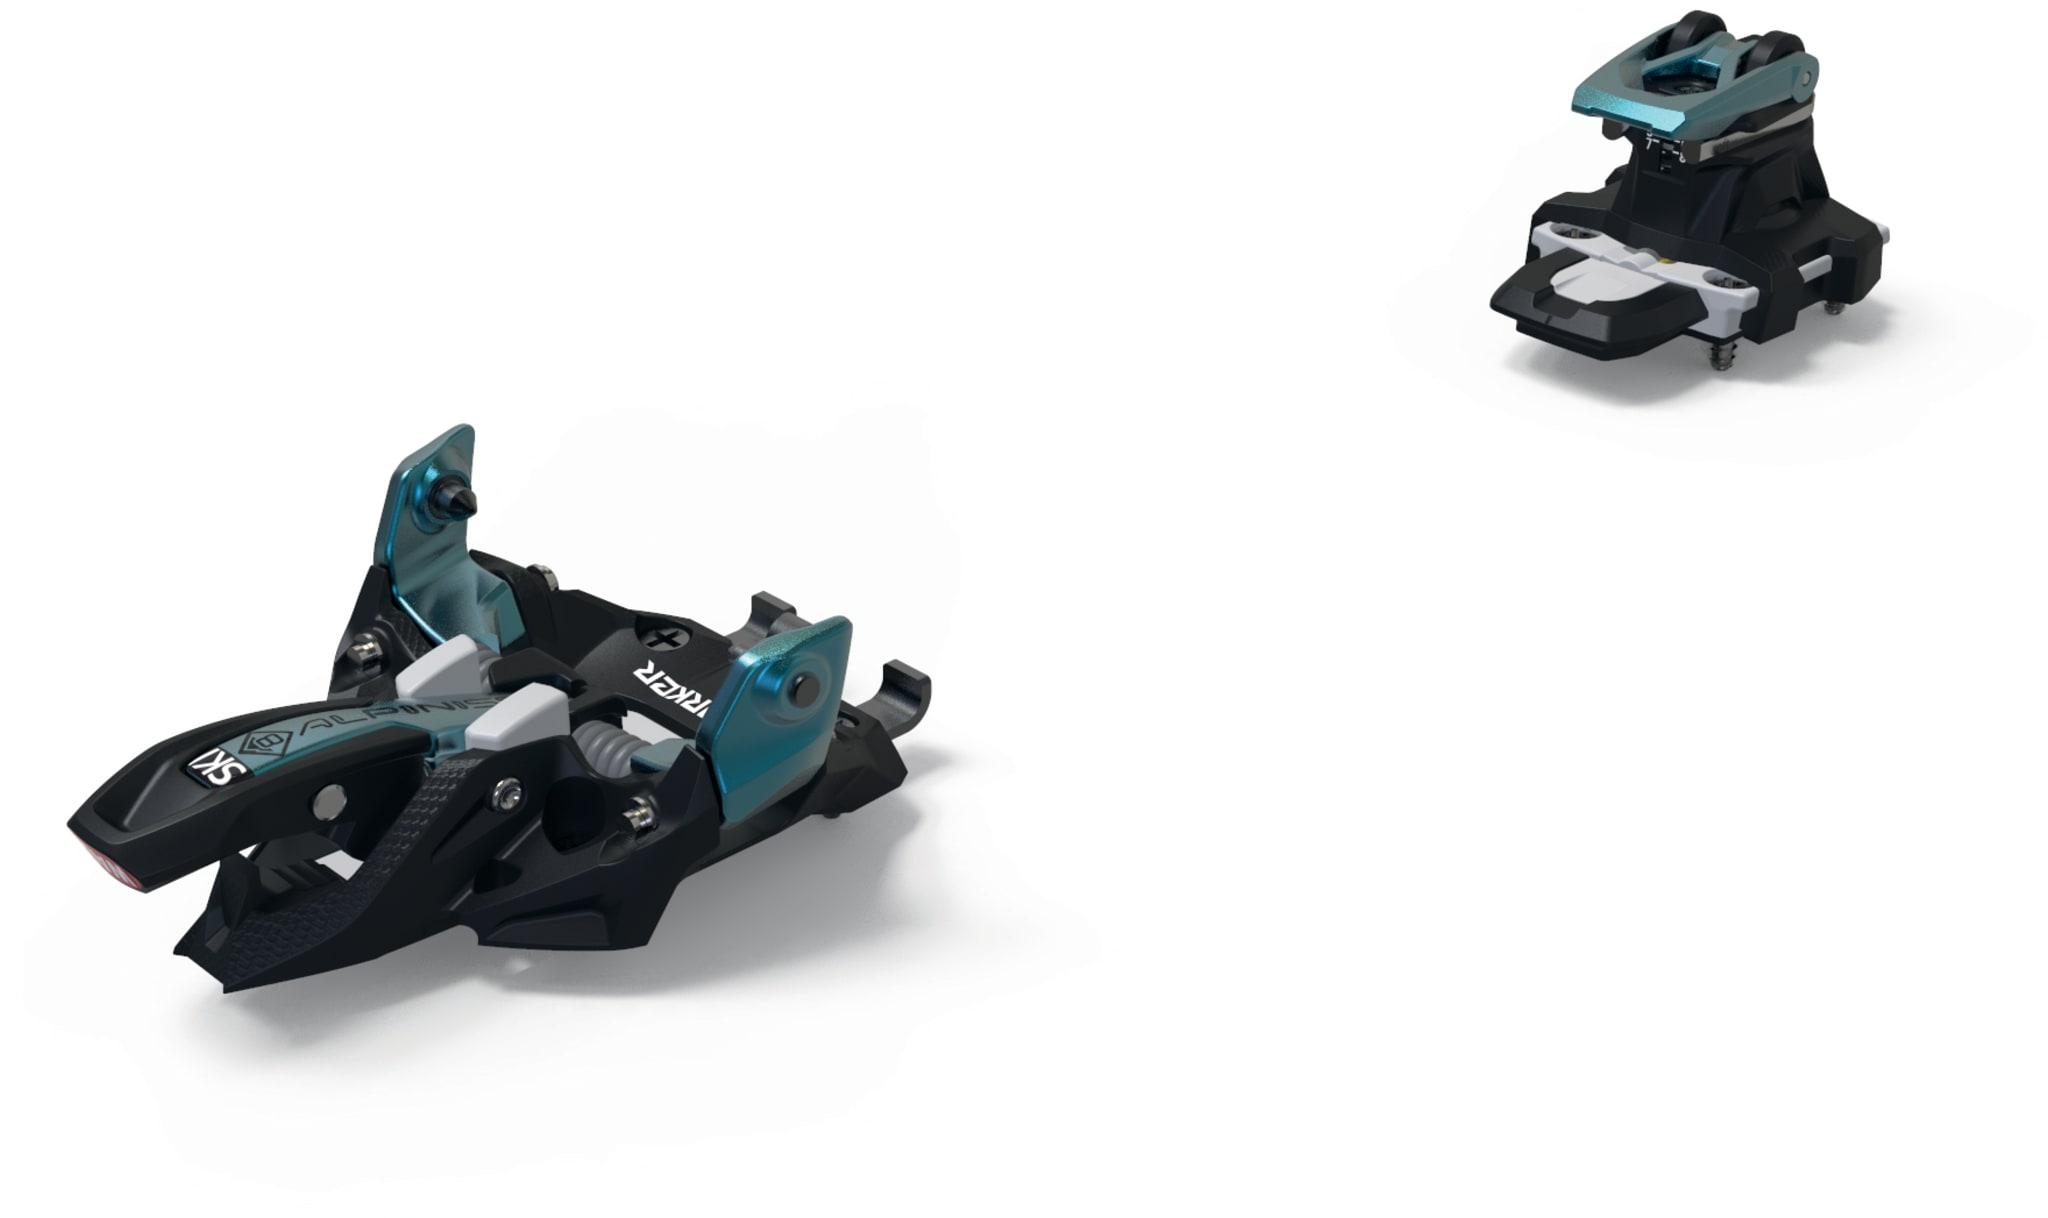 Superlett toppturbinding for lettere kjører